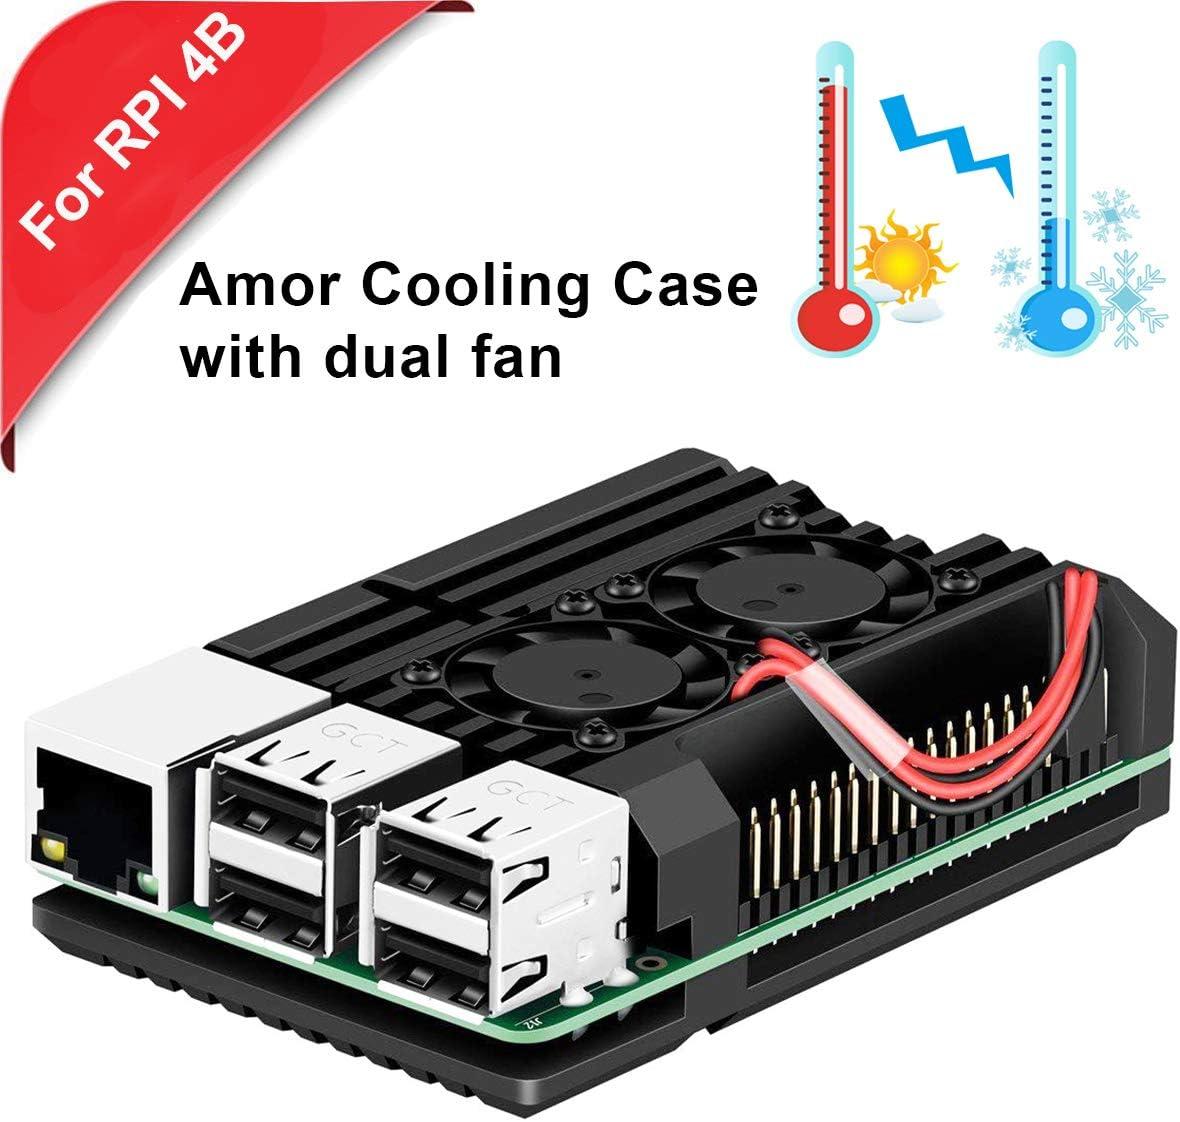 MakerHawk Estuche de metal con doble ventilador de enfriamiento Aleación de aluminio para Raspberry Pi 4B, Disipador de calor integrado, Protección contra el óxido solo para RPI 4B